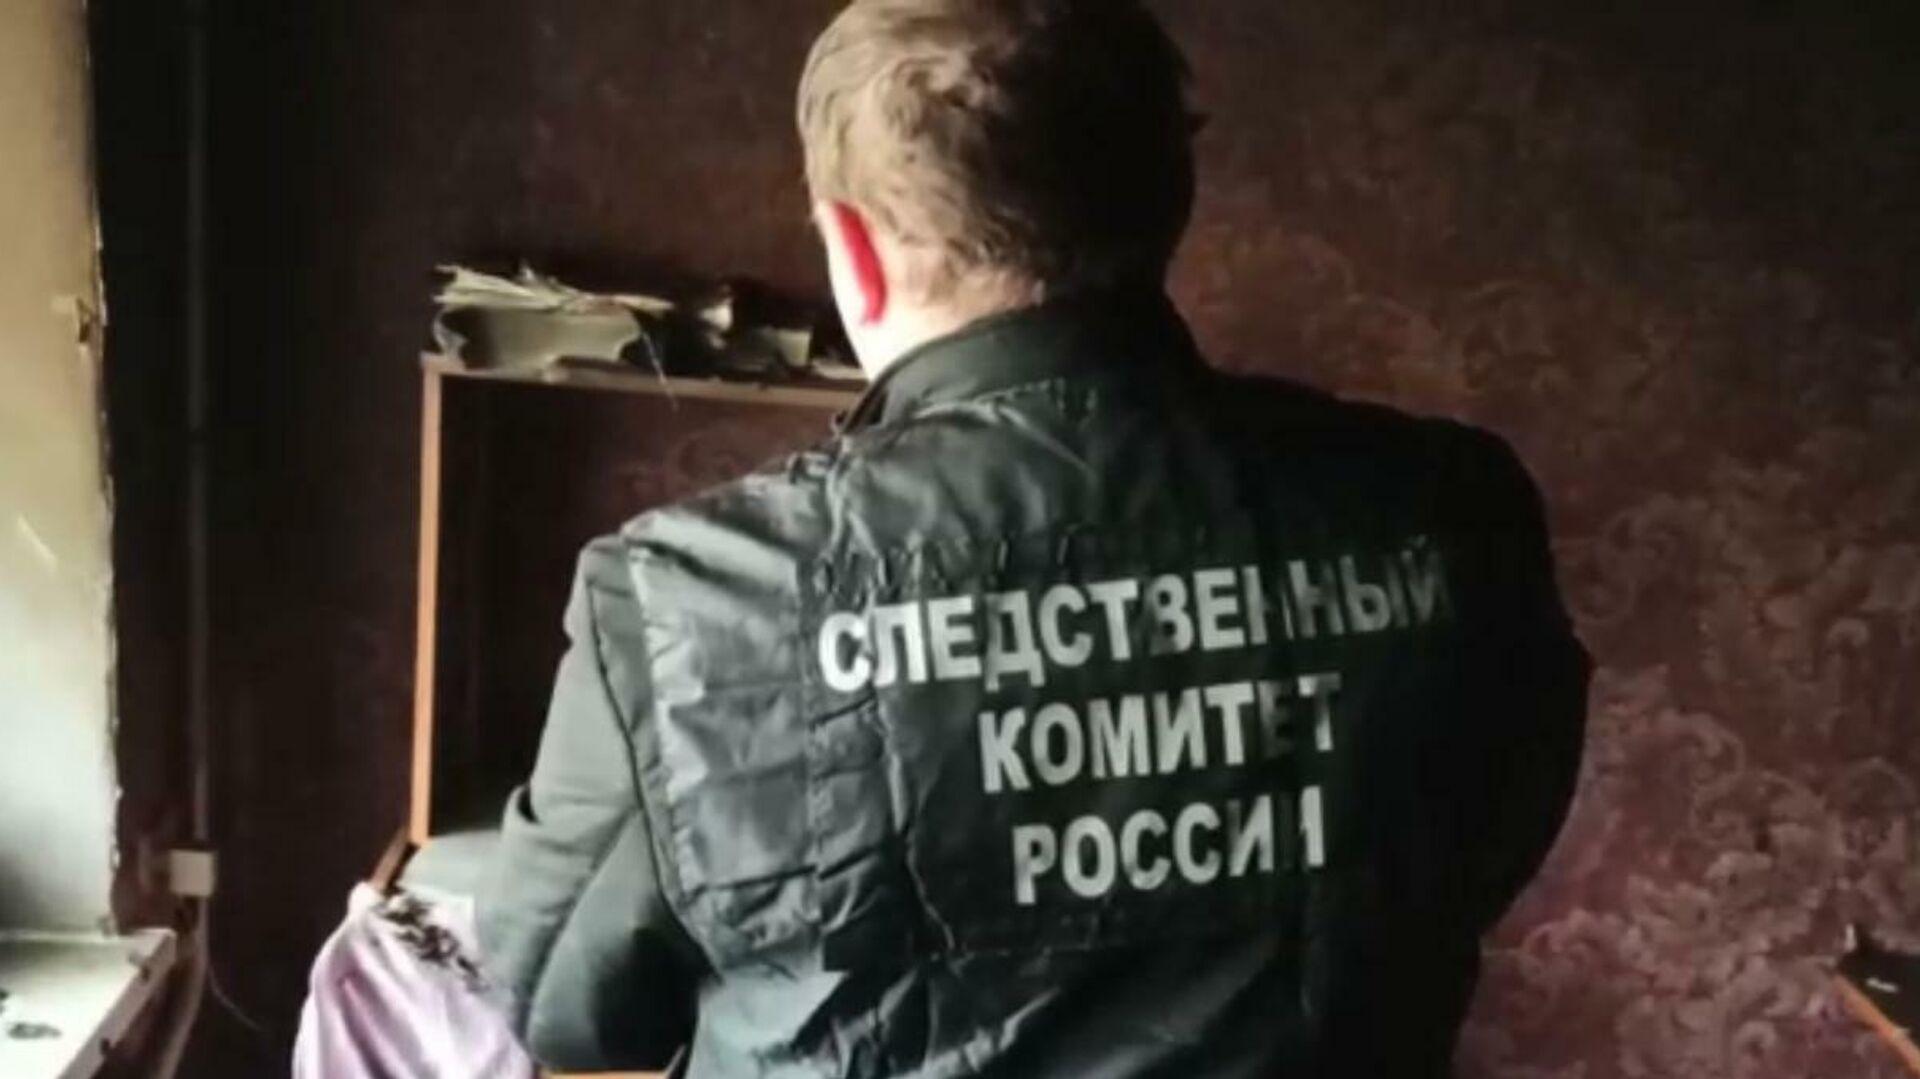 Житель Подмосковья получил пожизненный срок за изнасилования и убийства